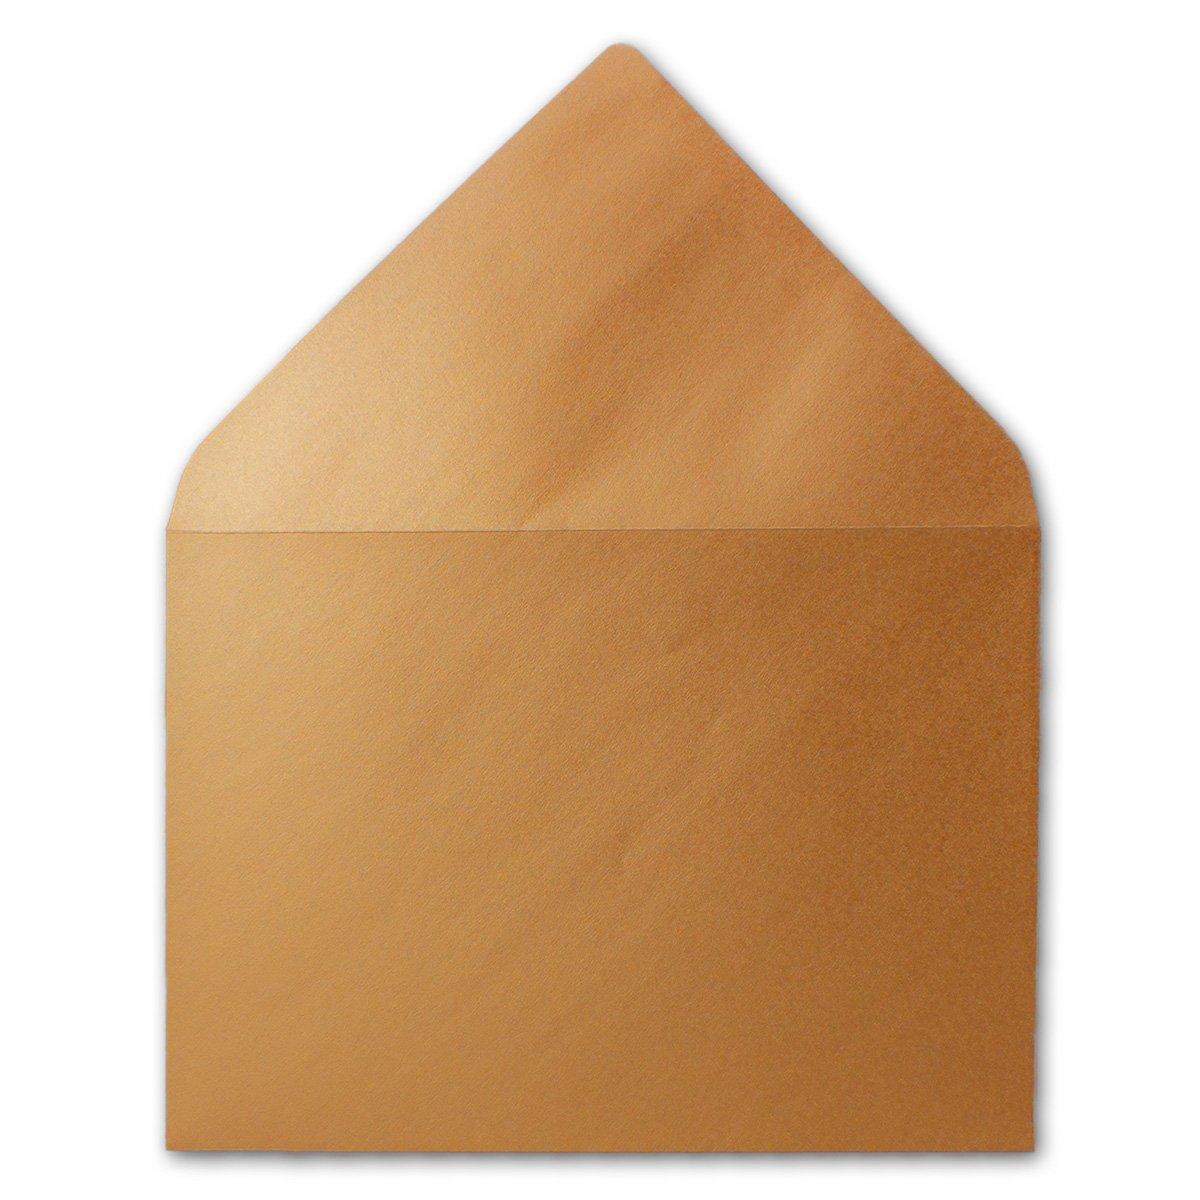 Brief-Umschläge in Nachtblau   150 Stück   DIN DIN DIN C5 KuGrüns 220 x 154 mm - Nassklebung ohne Fenster - Weihnachten, Grußkarten   Serie FarbenFroh® B07BQRRP6L Grukarten & Einladungsumschlge Menschliche Grenze 781c2b